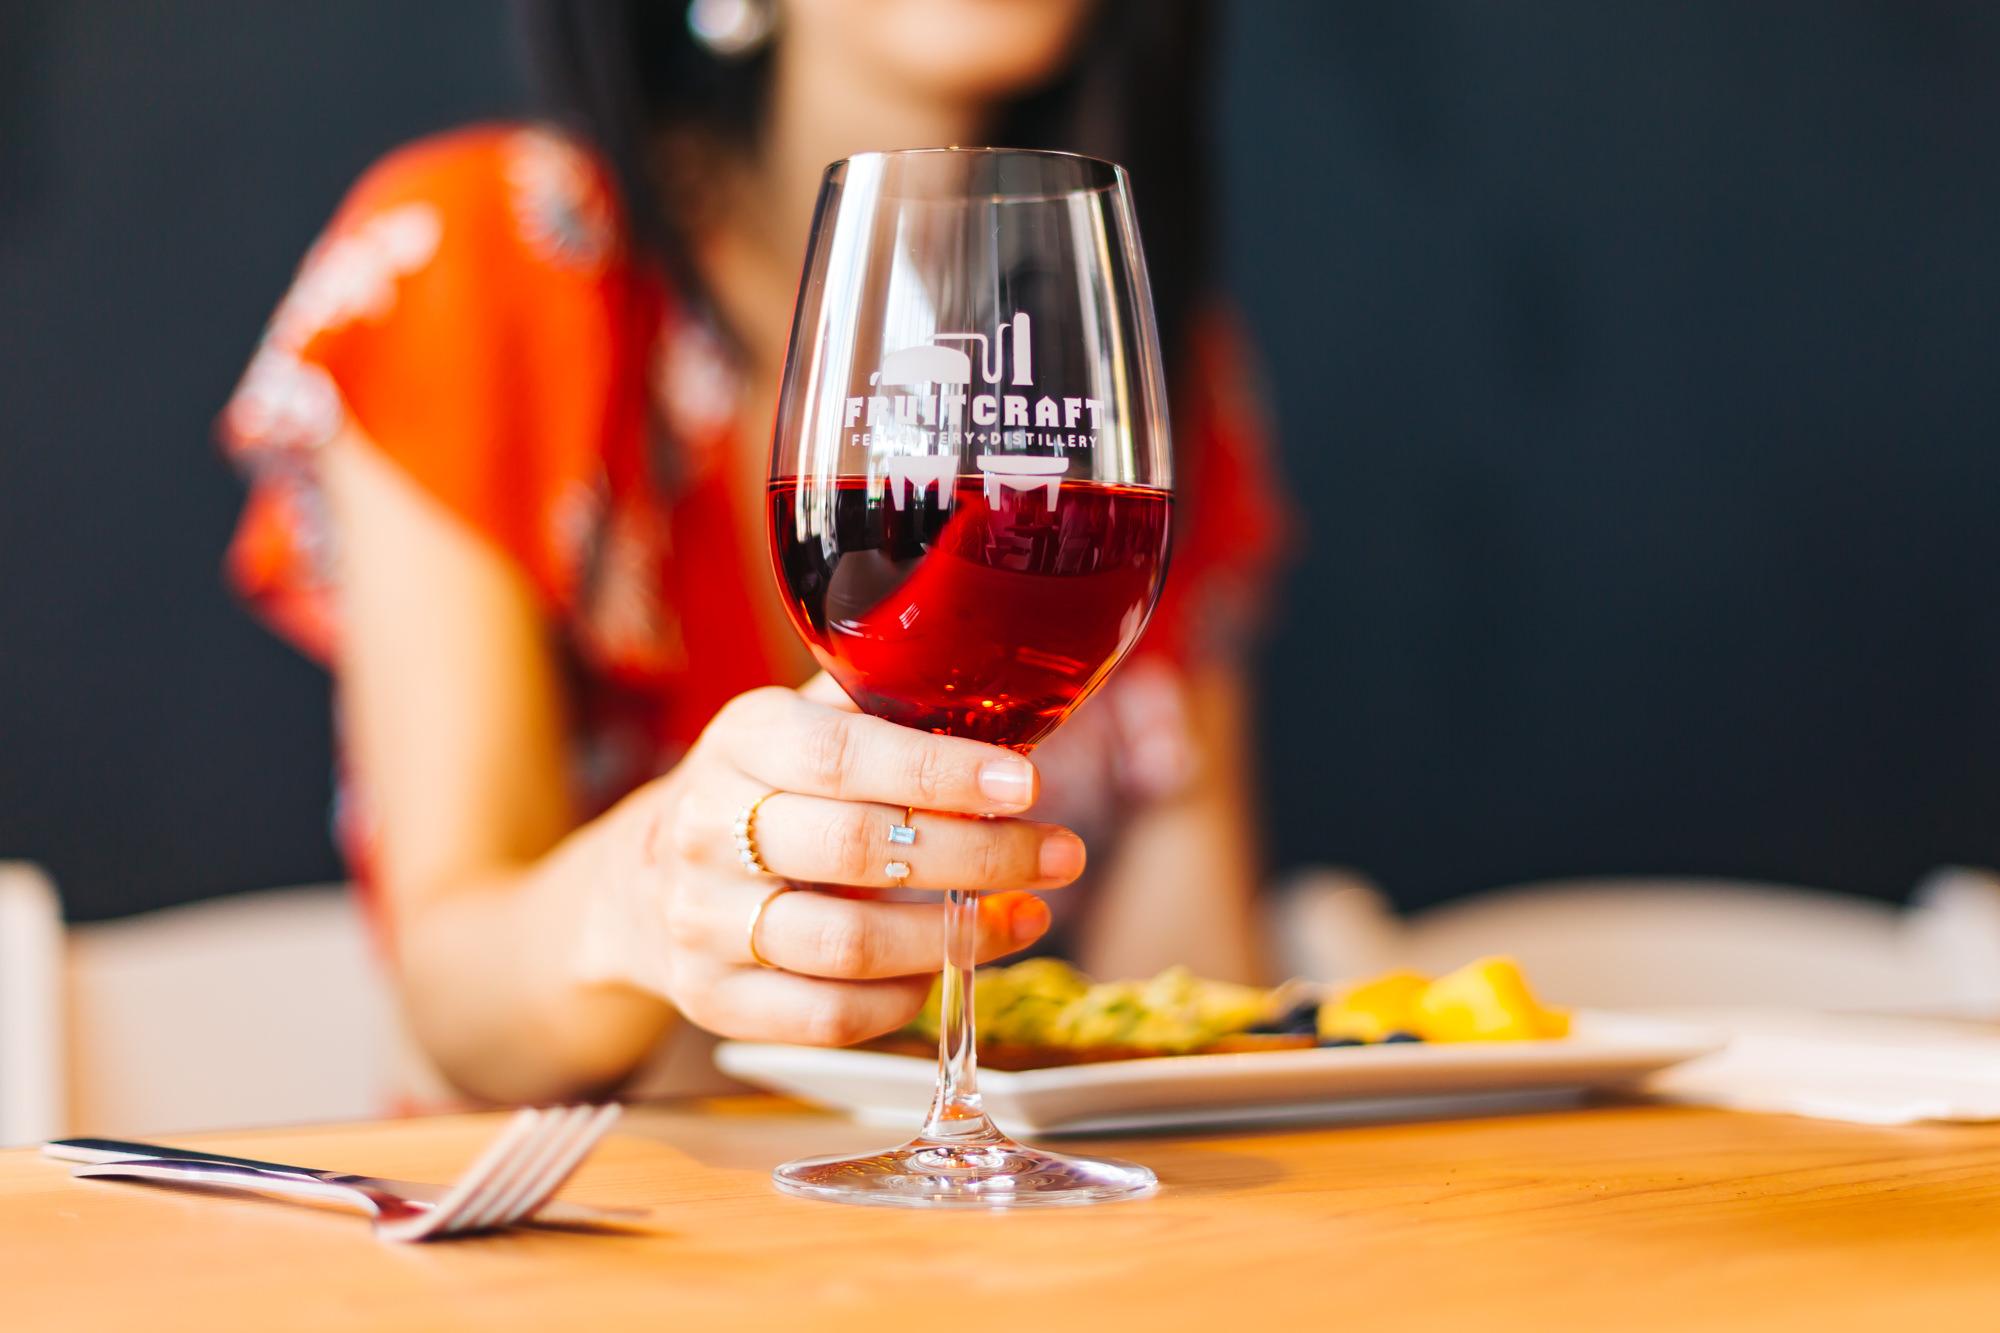 Delicious pomegranate wine